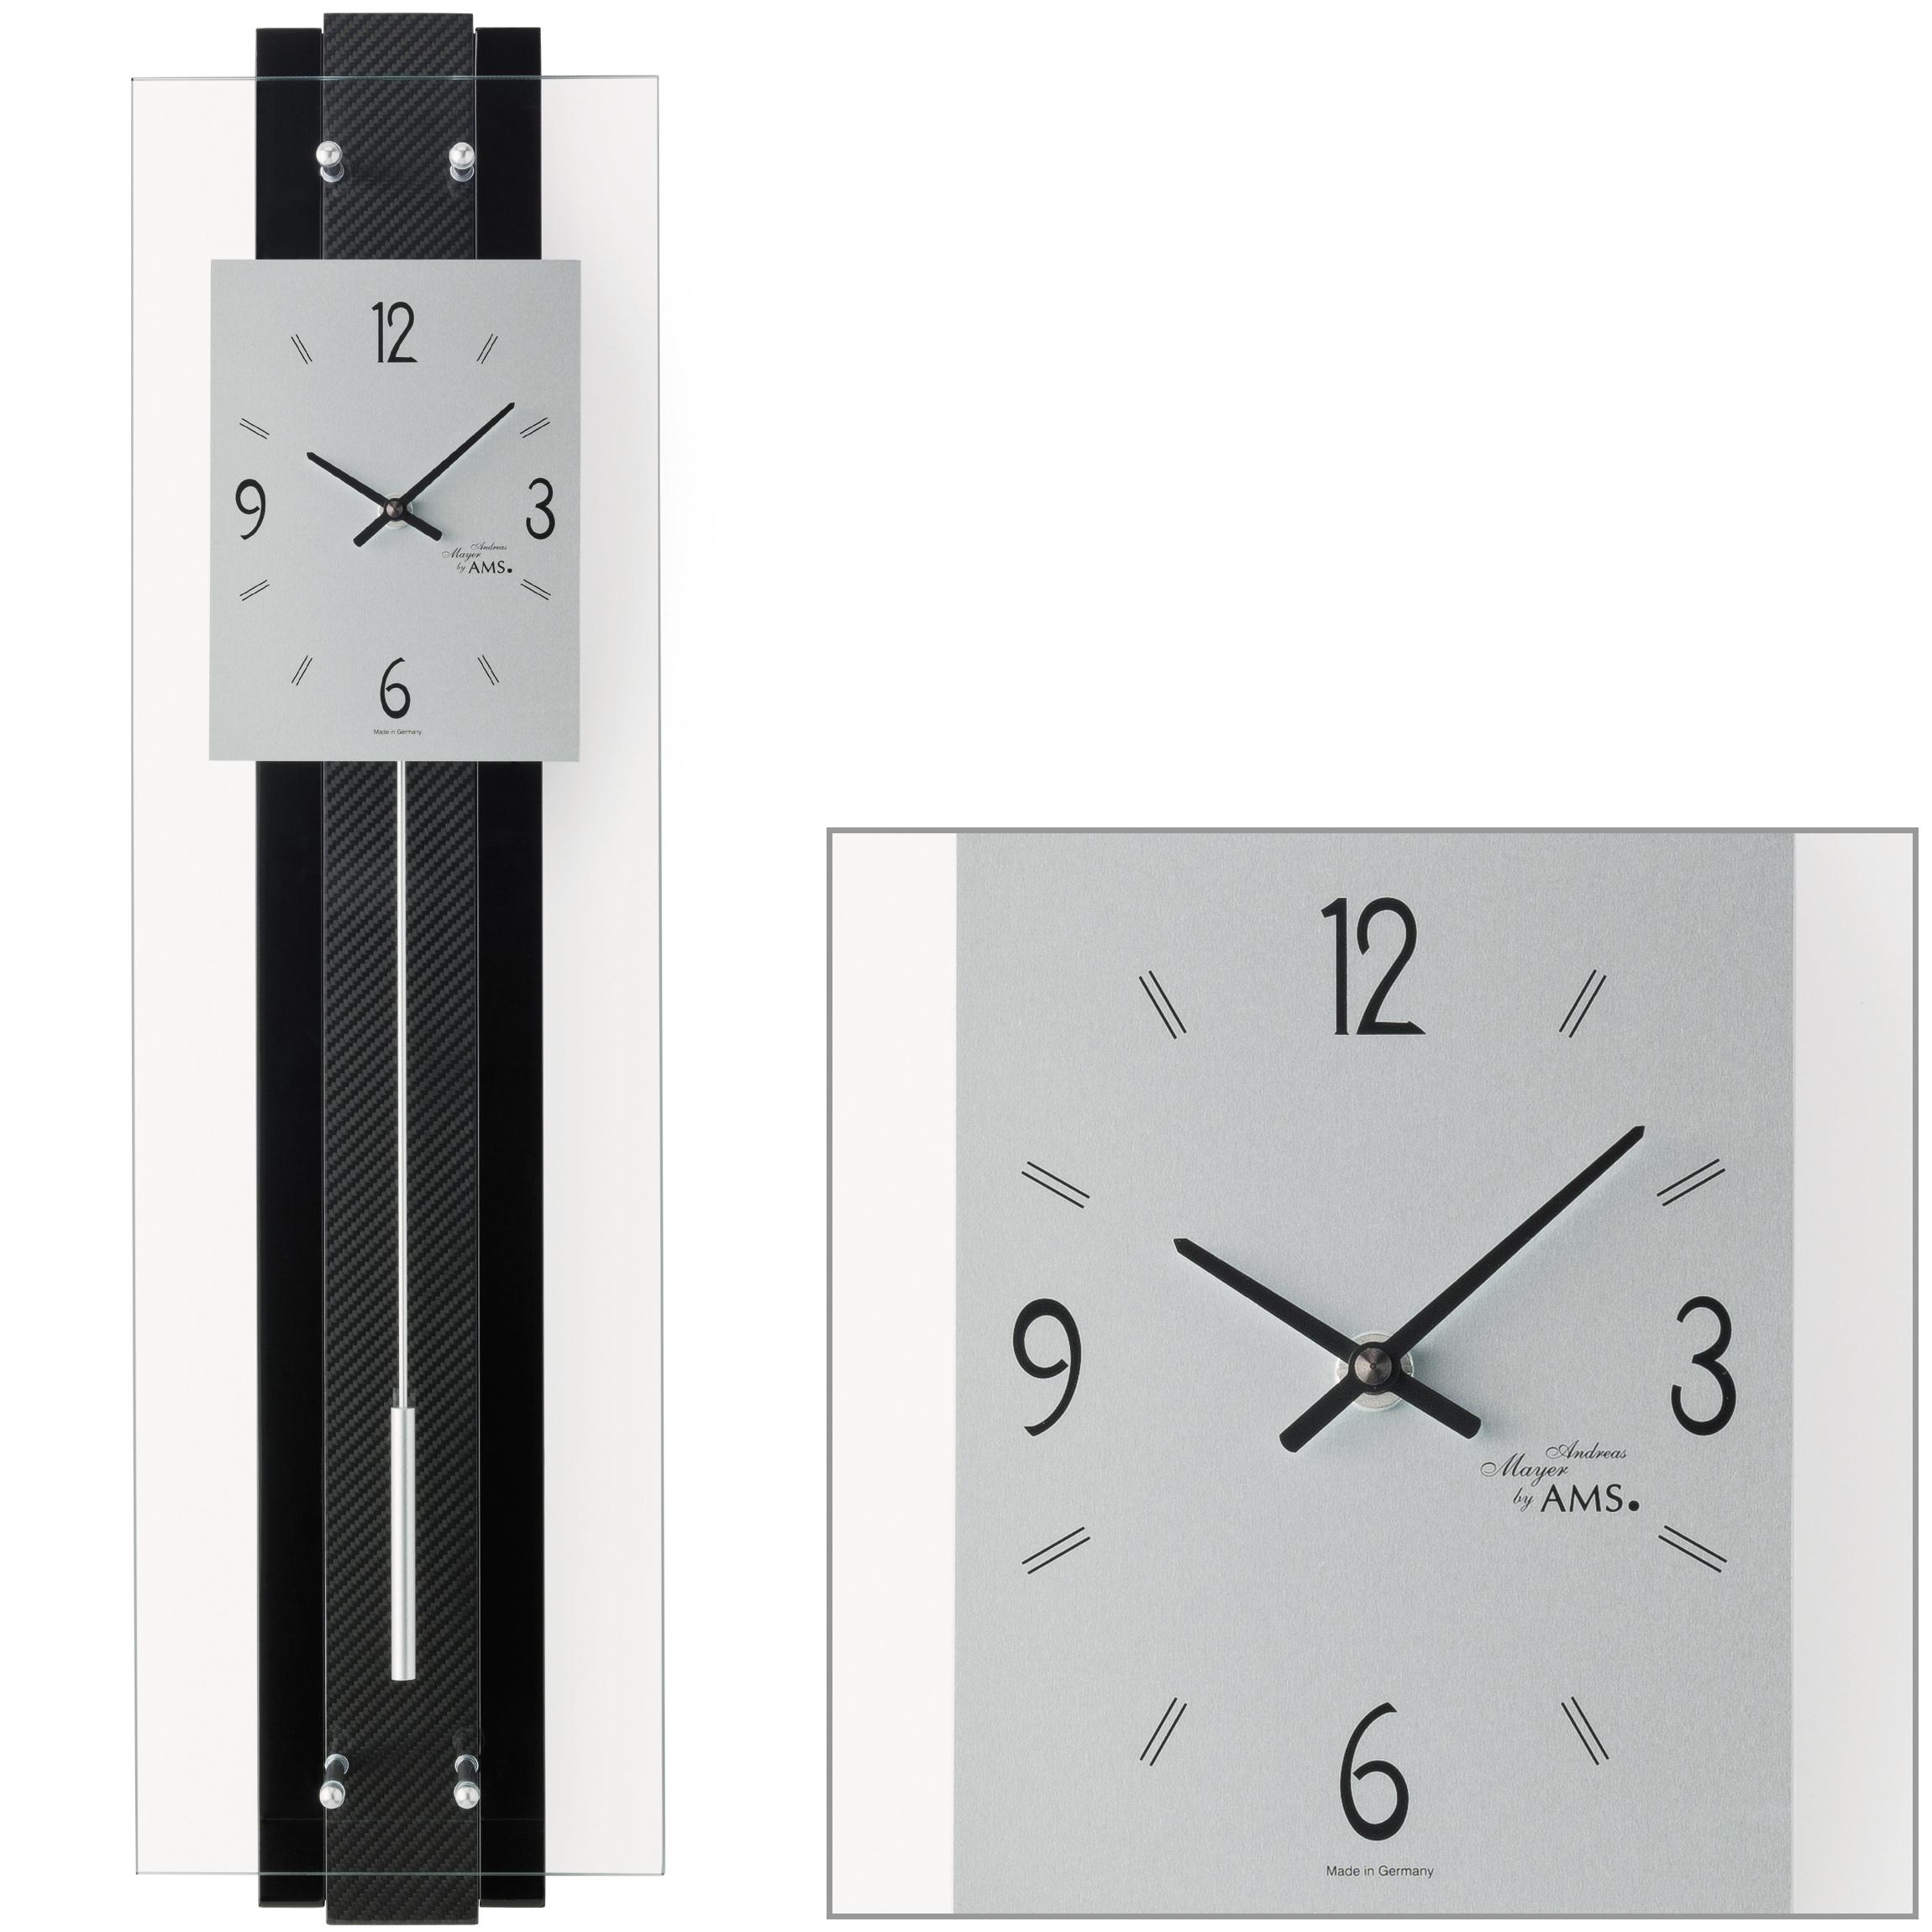 ams 7394 wanduhr quarz mit pendel schwarz modern pendeluhr. Black Bedroom Furniture Sets. Home Design Ideas